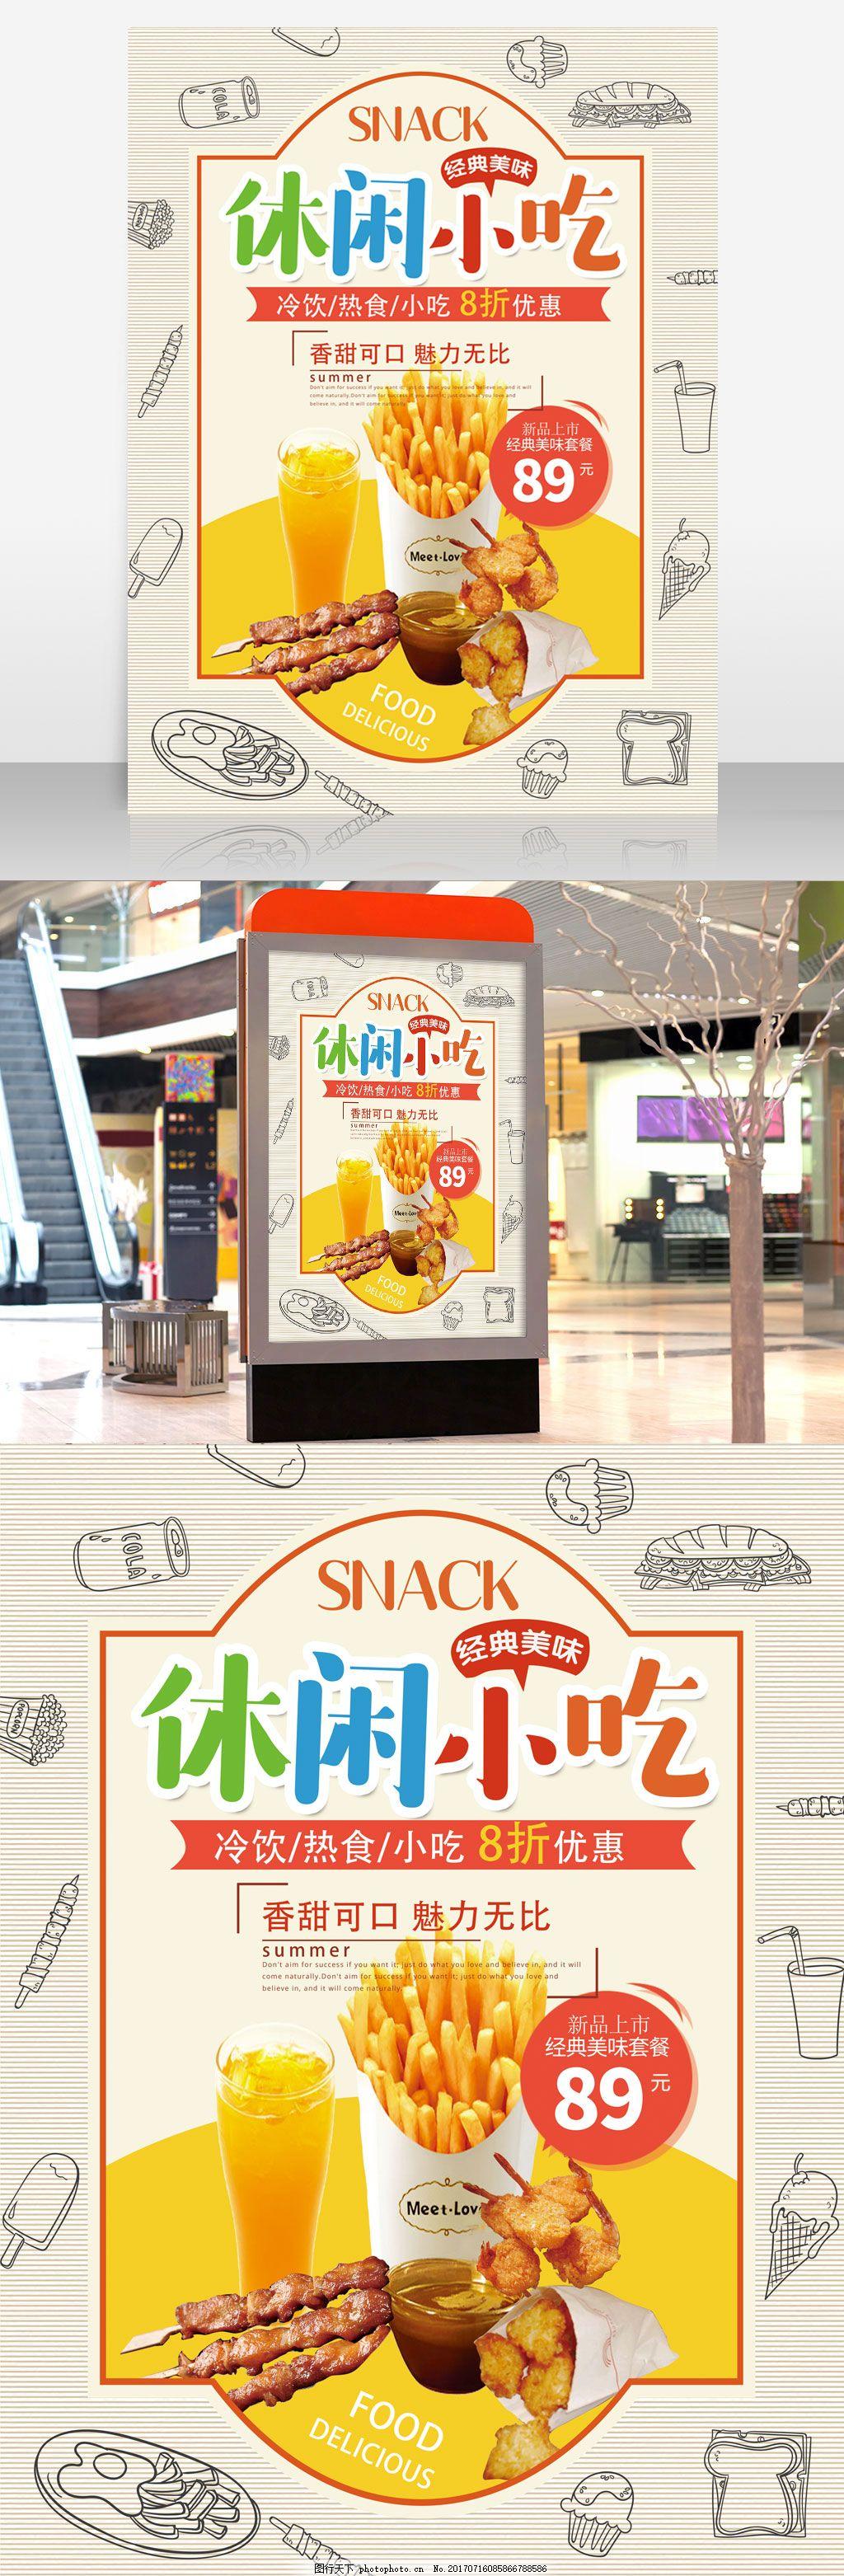 美食宣传海报 设计 休闲小吃矢量素材 餐饮 休闲小吃模板下载 奶茶店